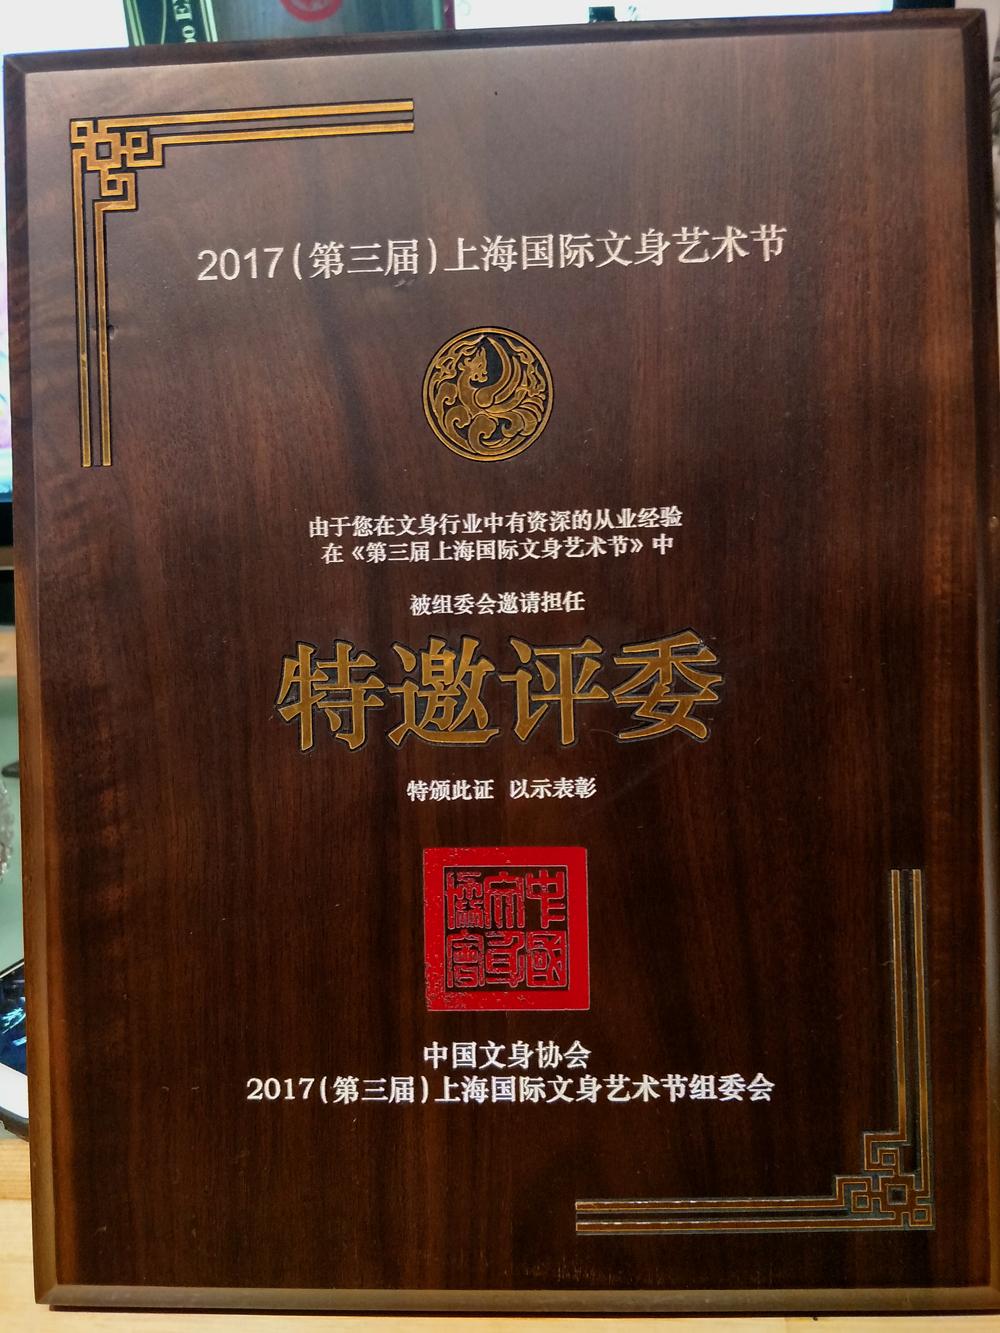 2017年北京第三届国际纹身大赛特邀评委证书